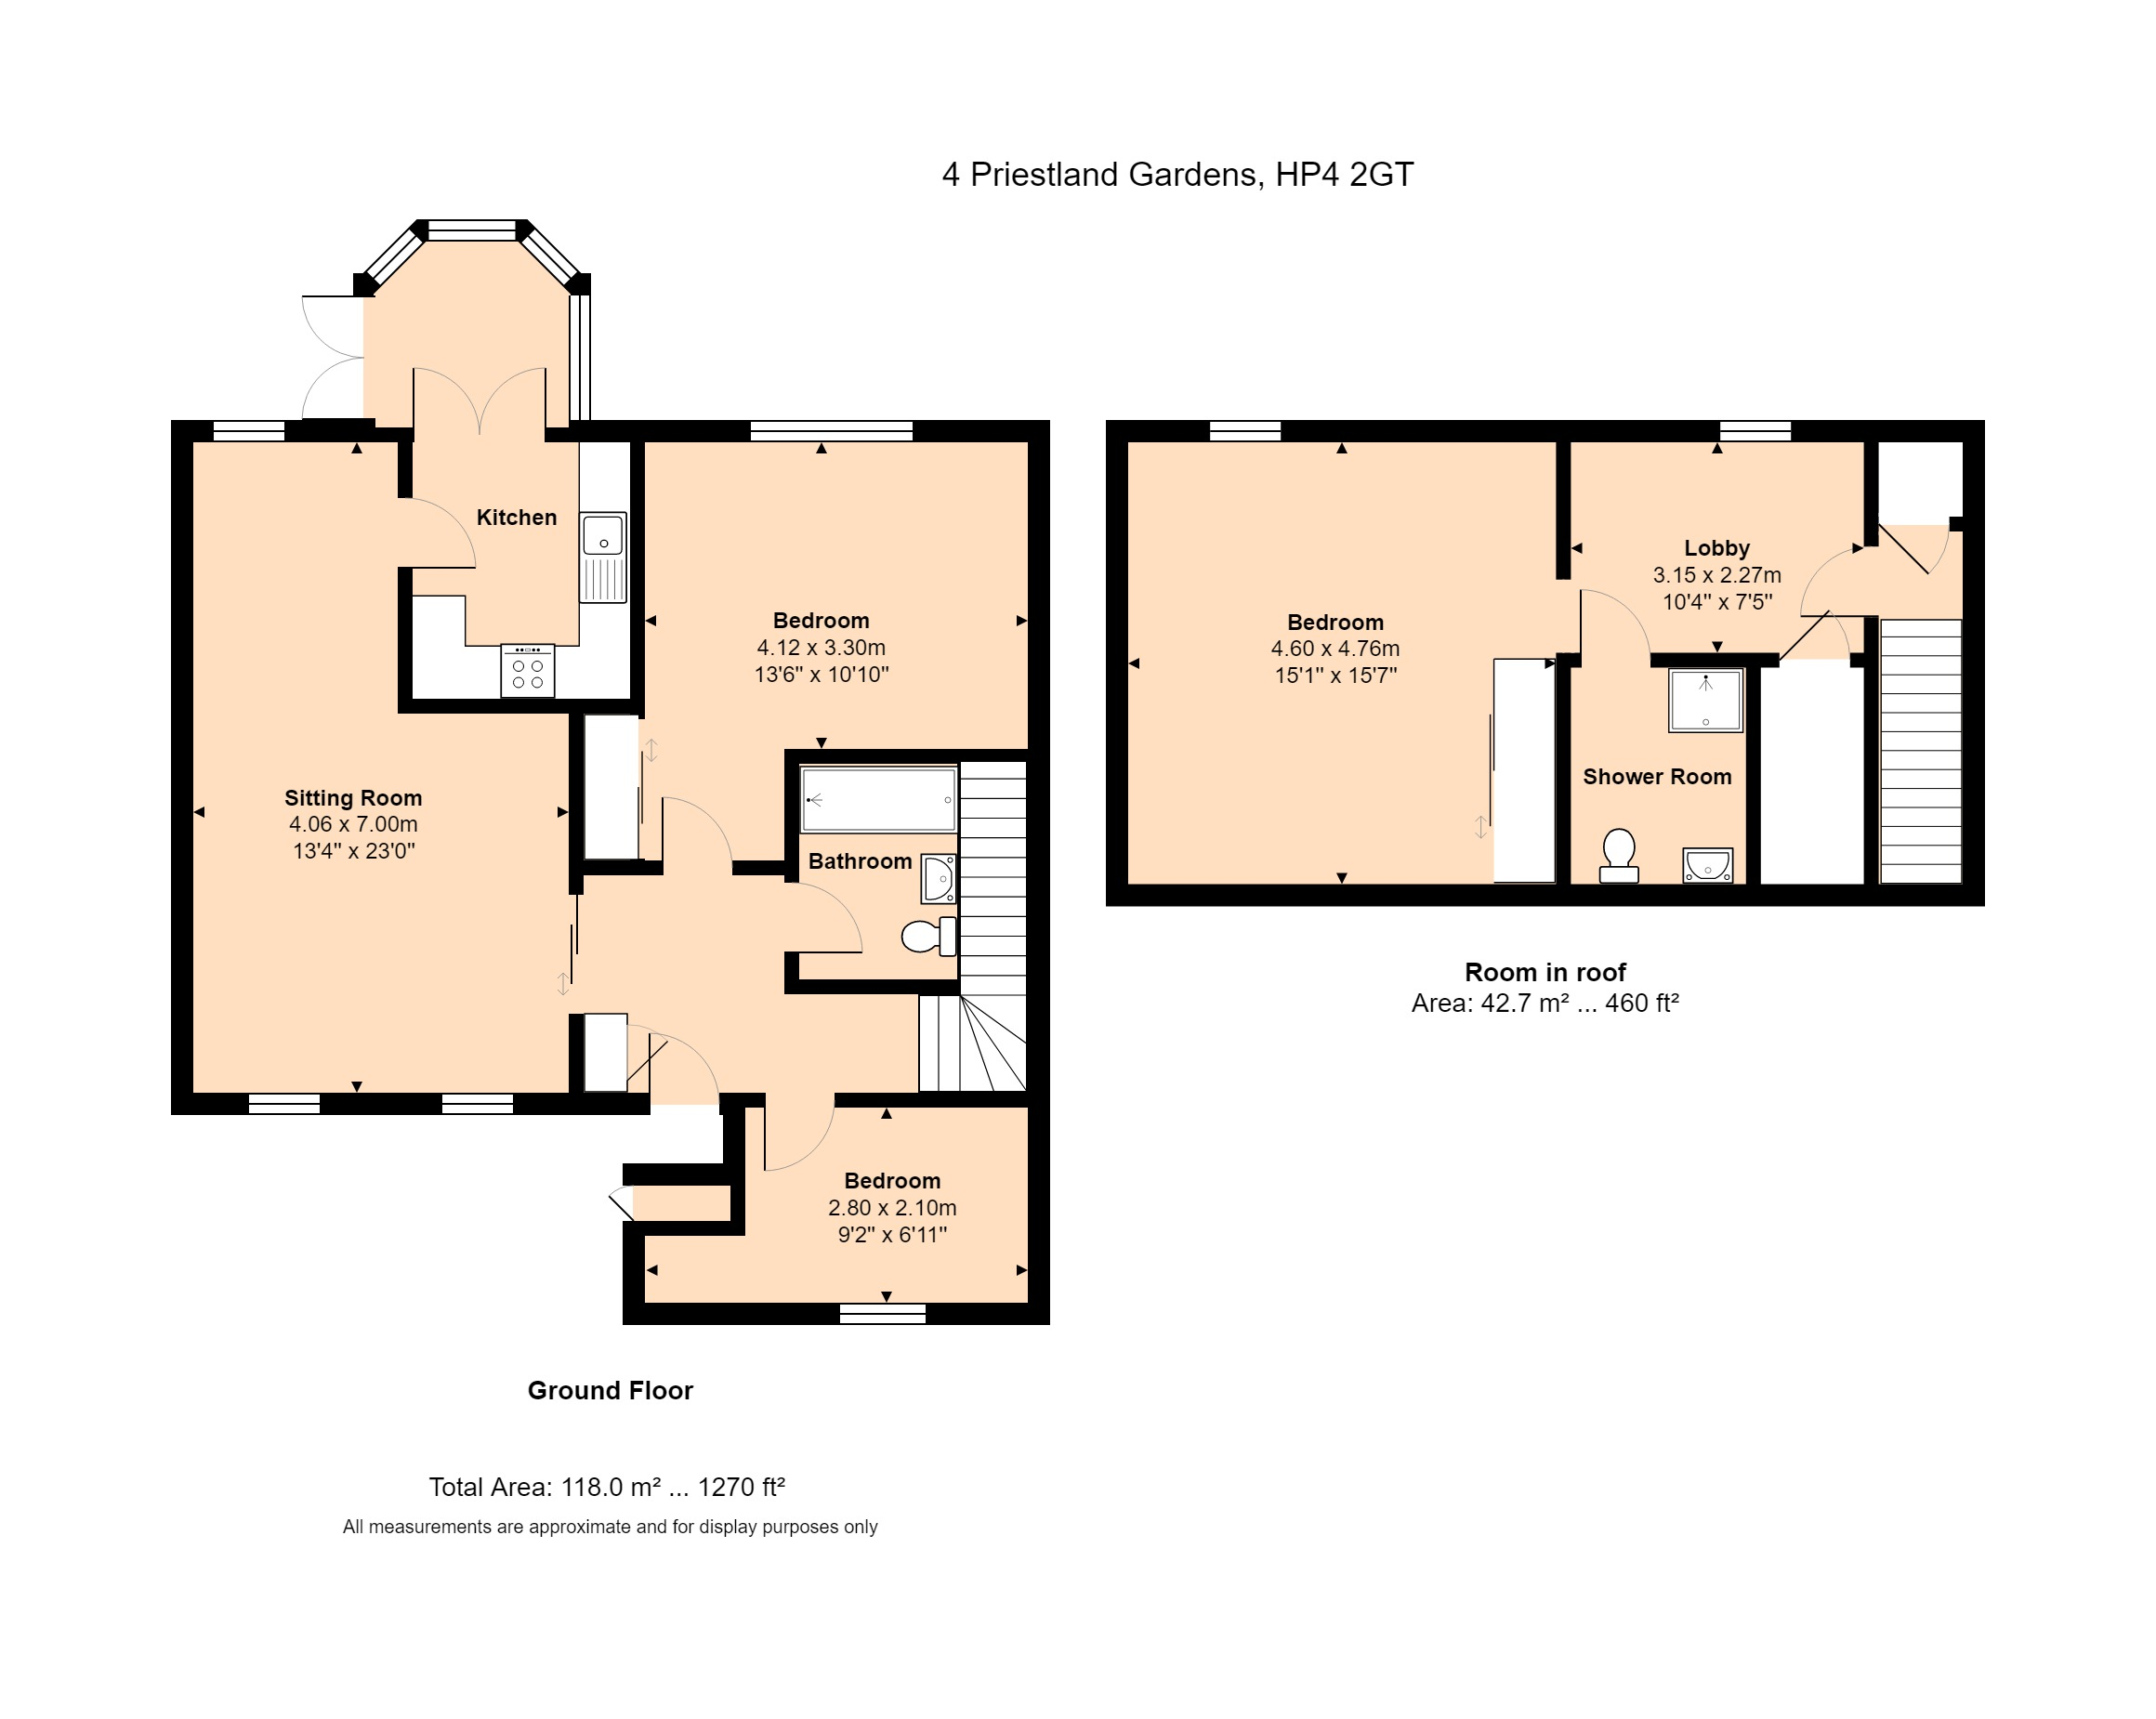 4 Priestland Gardens Floorplan